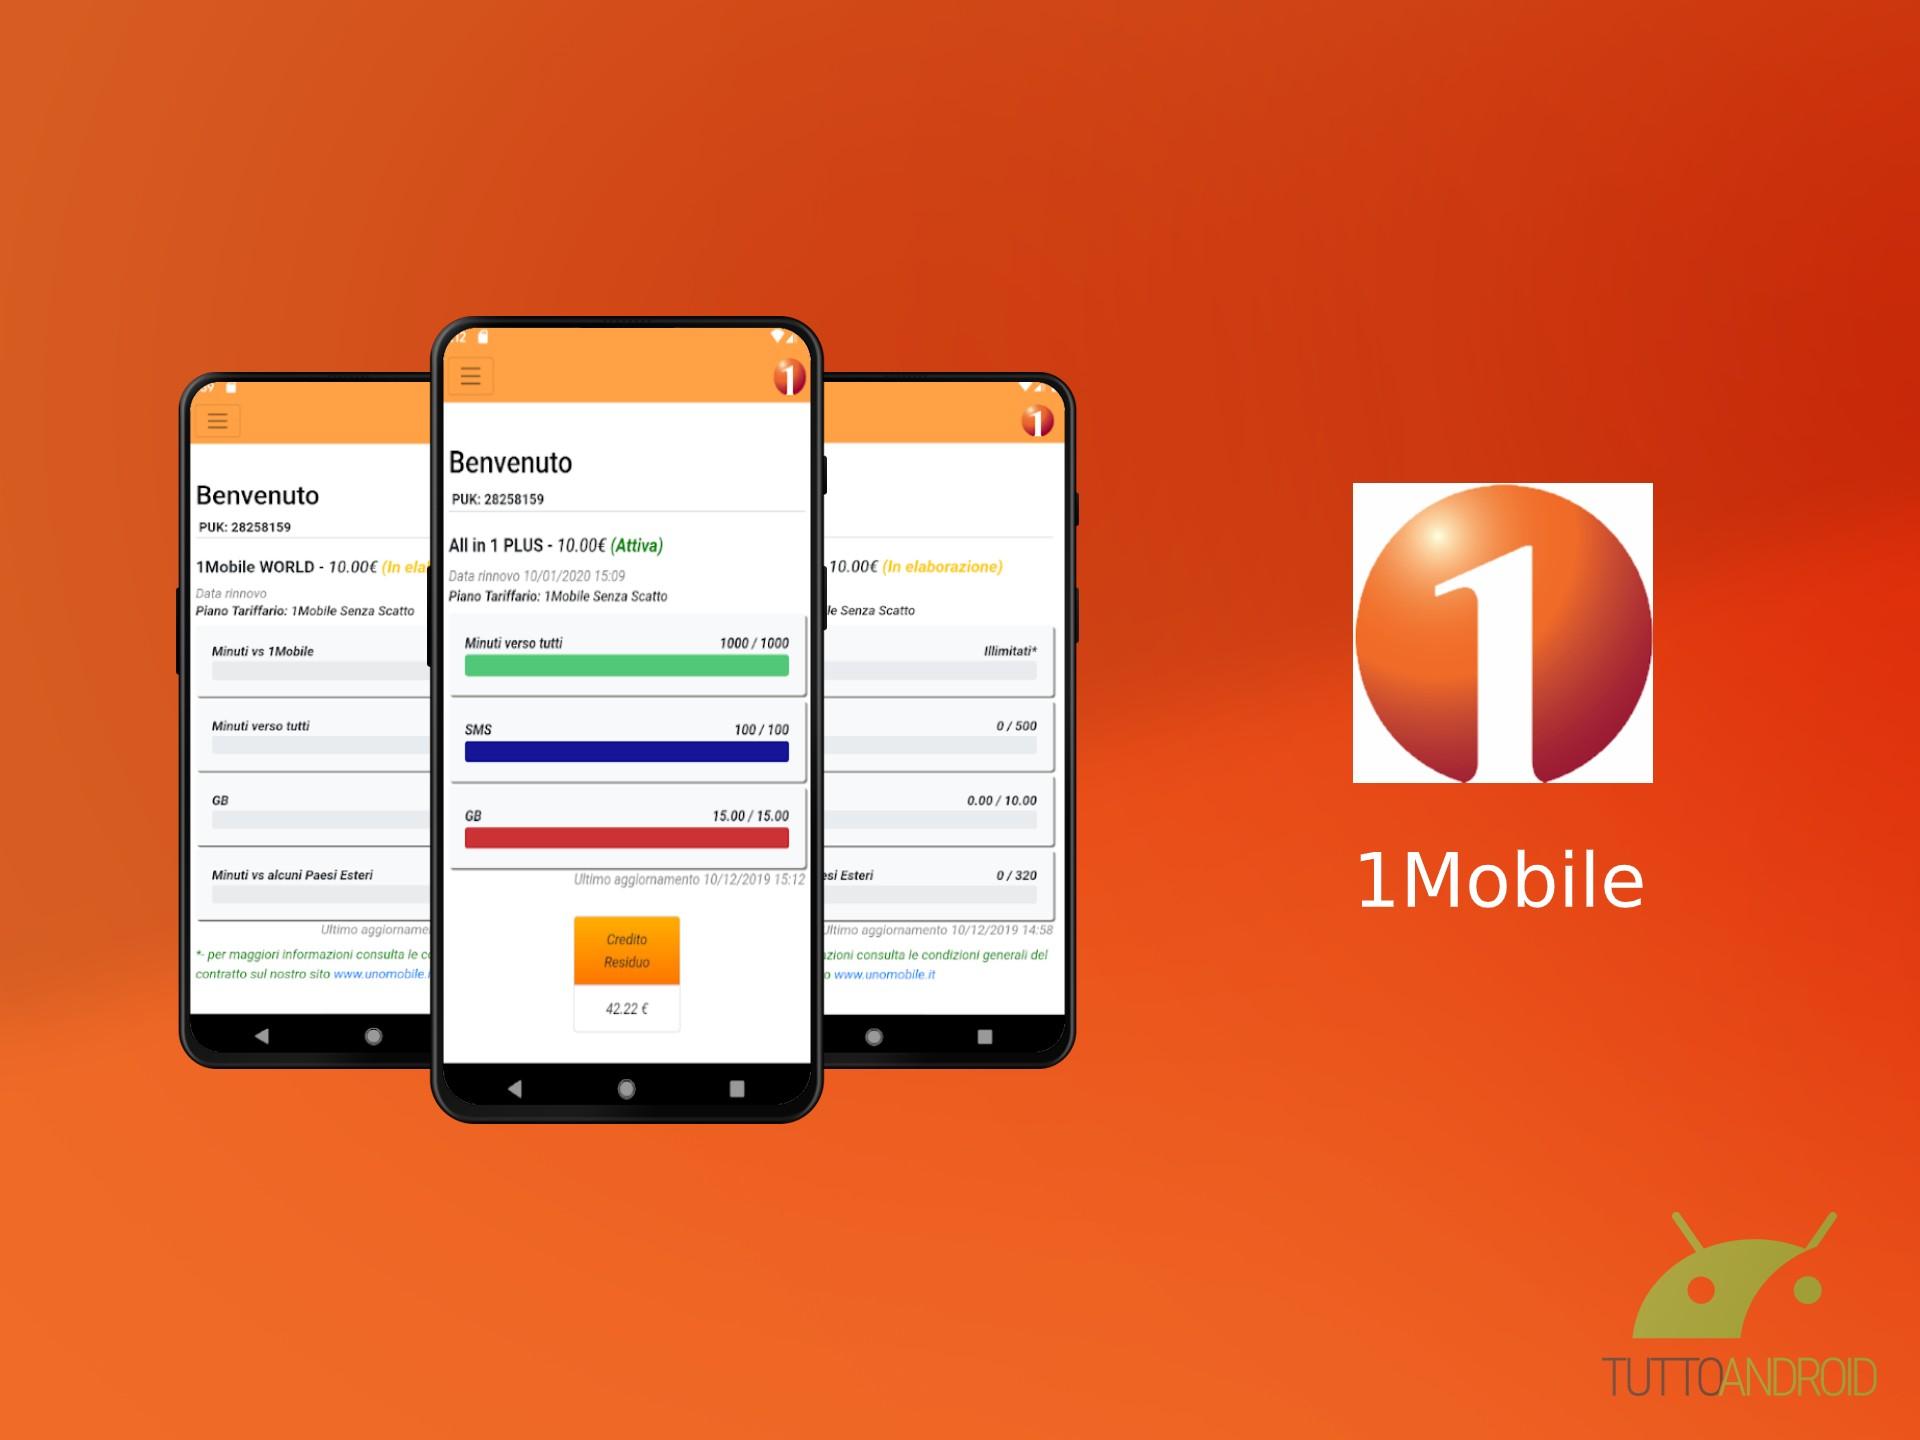 VoLTE e 60 GB a 5,99 euro al mese su rete Vodafone con 1Mobile